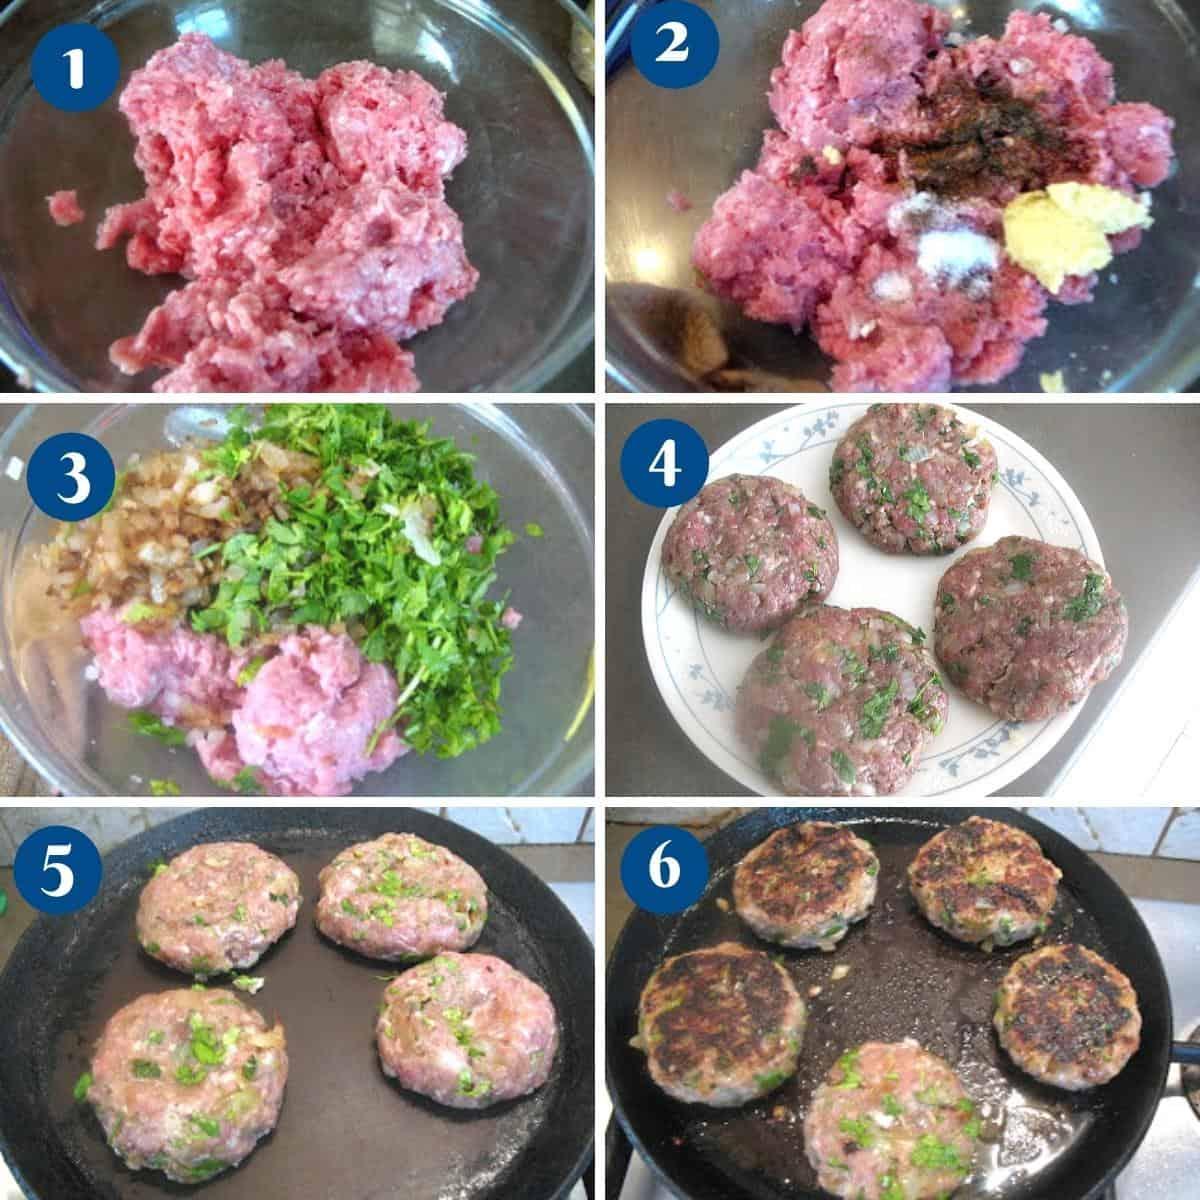 Progress pictures collage making ground turkey patties.